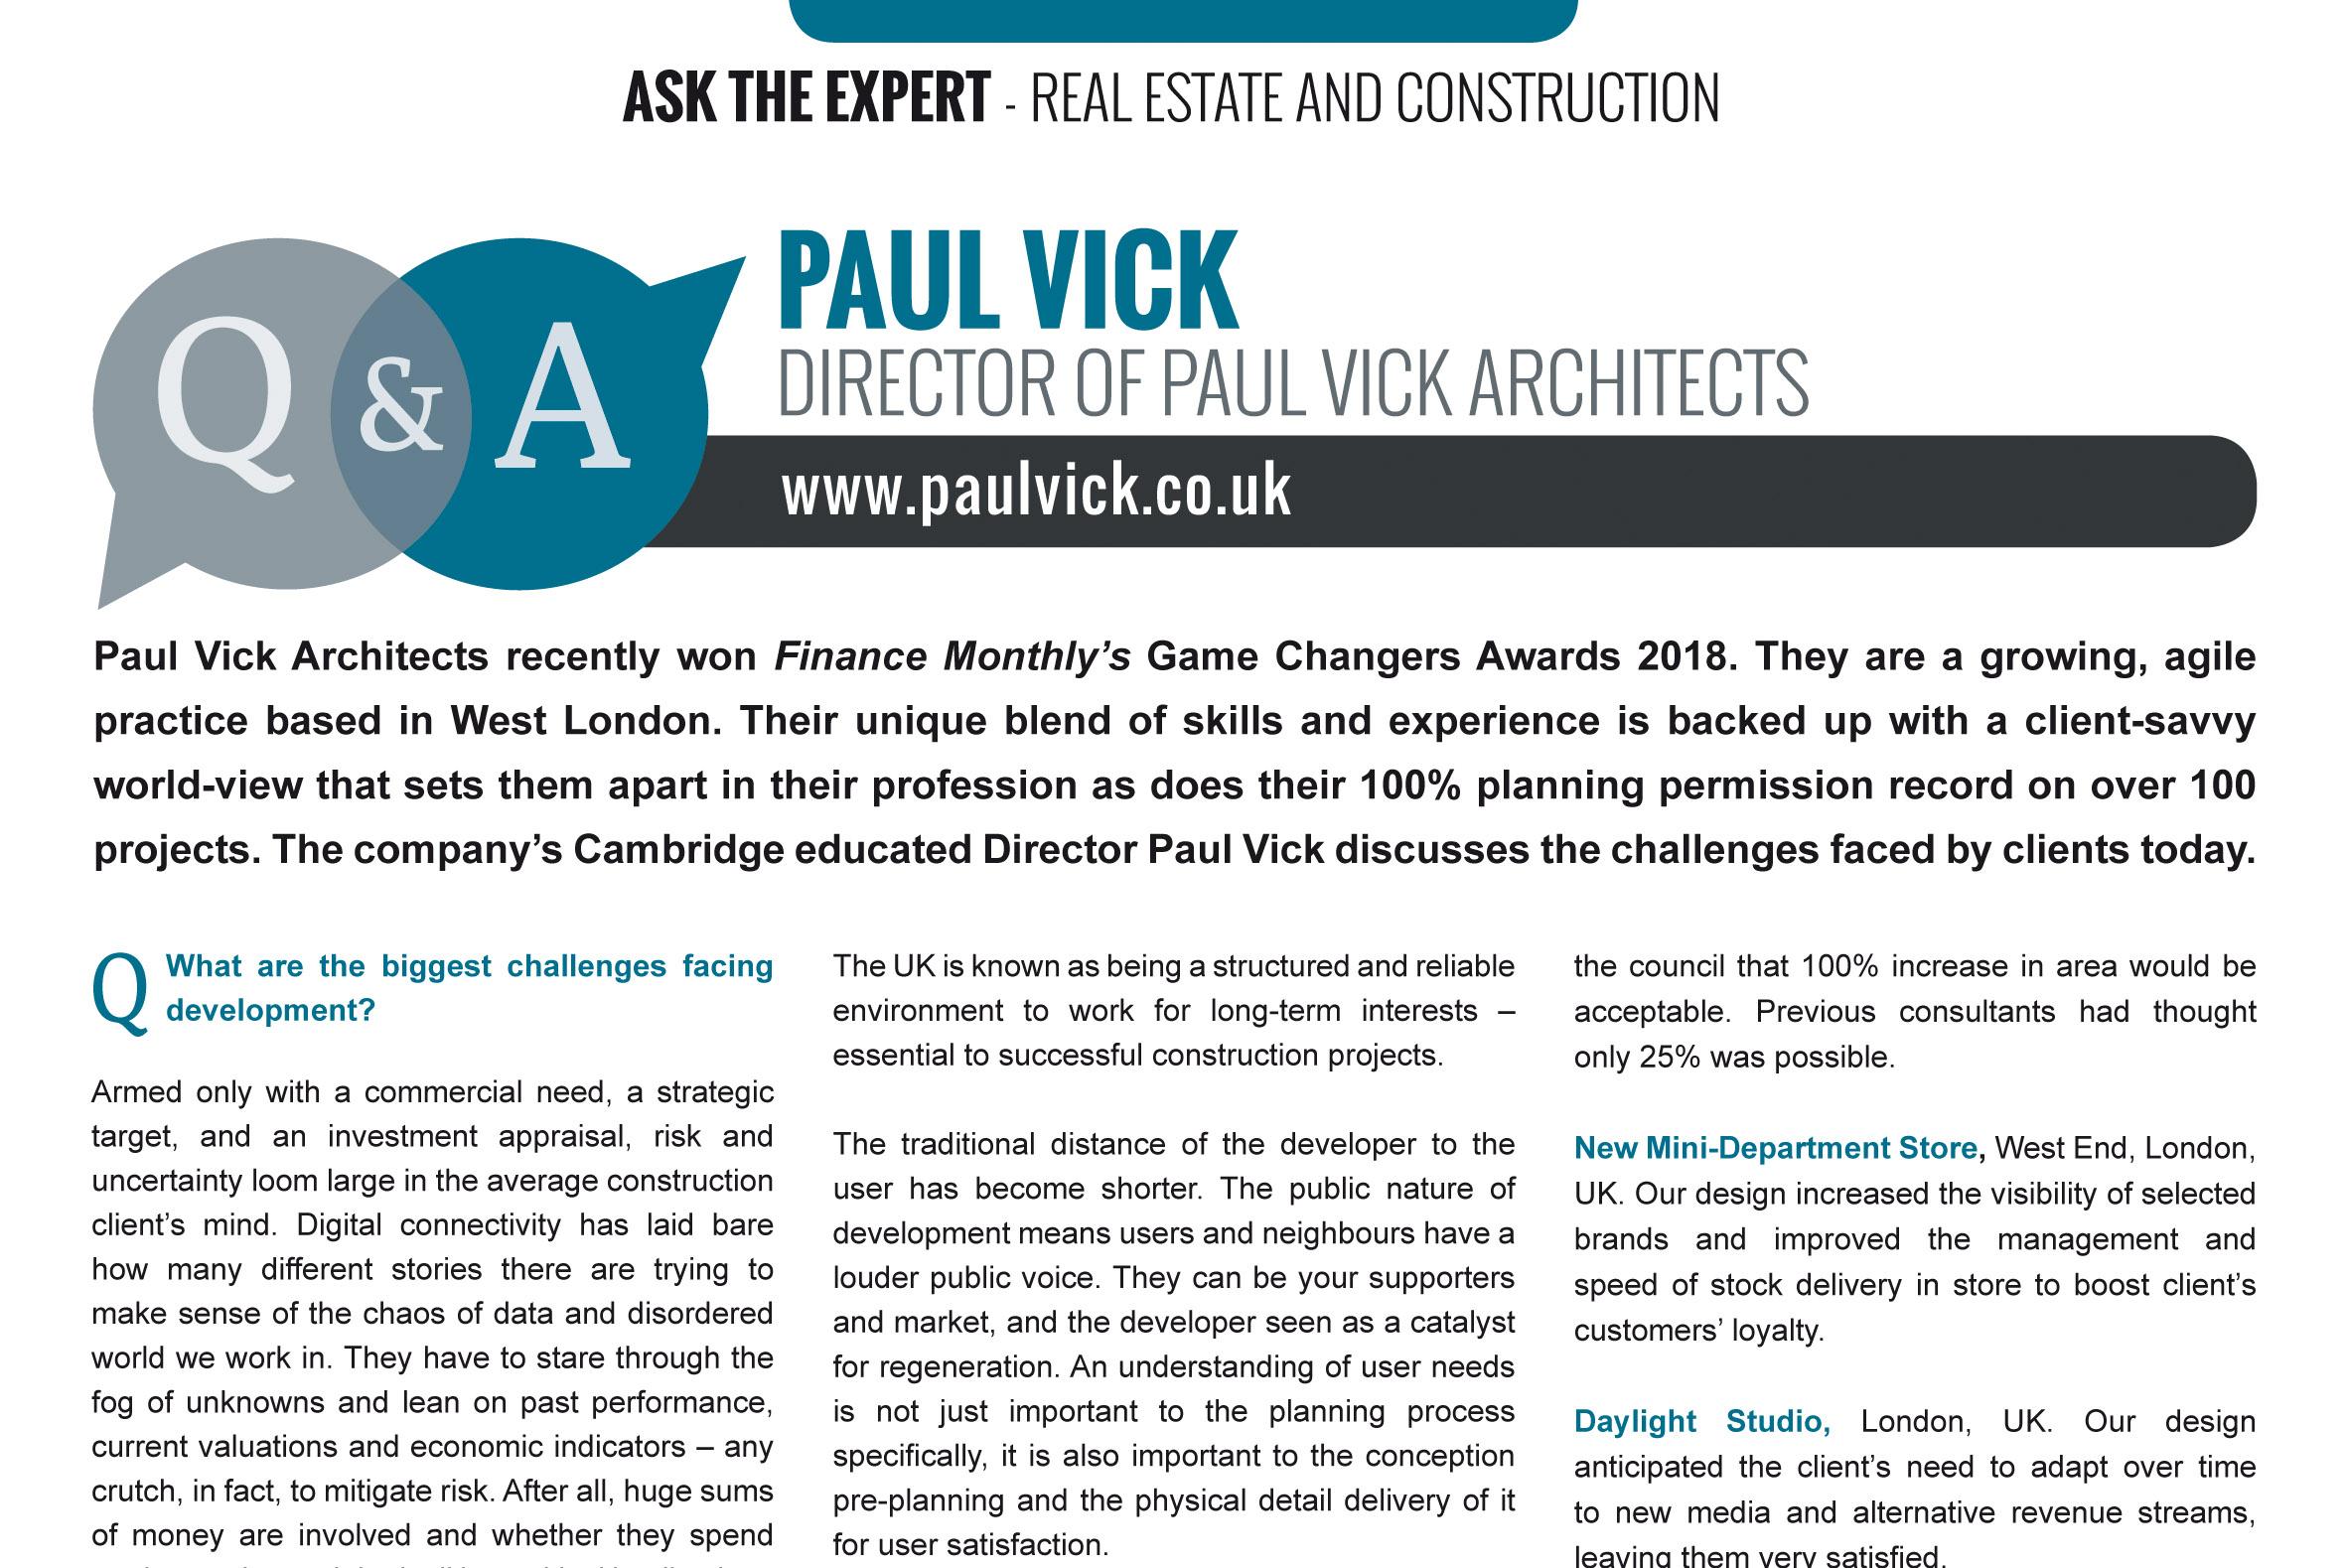 Paul Vick Architects